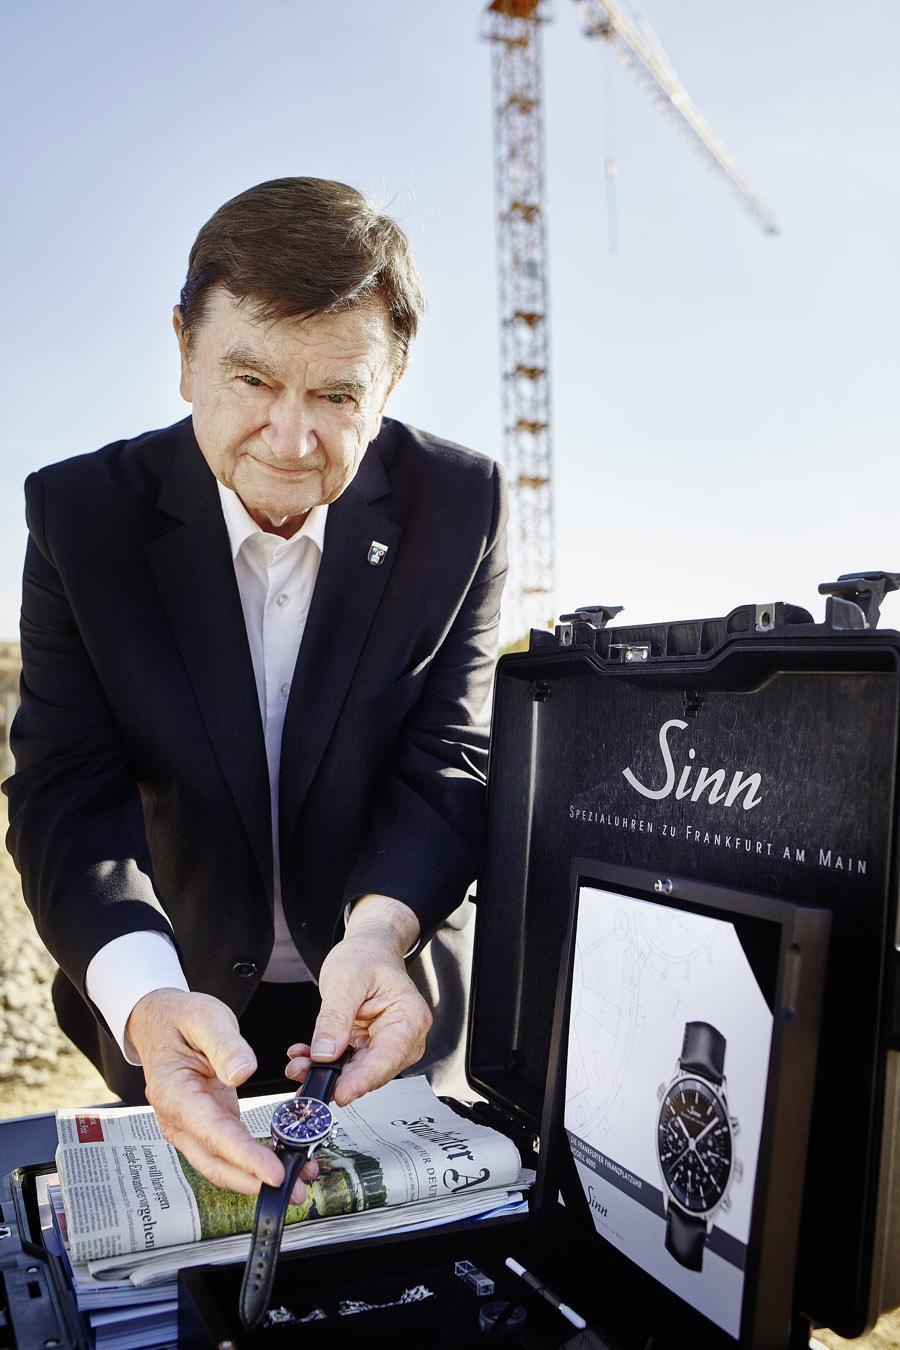 Lothar Schmid legt sein persönliches Exemplar der Frankfurter Finanzplatzuhr 6000 von Sinn in die Zeitkassette.